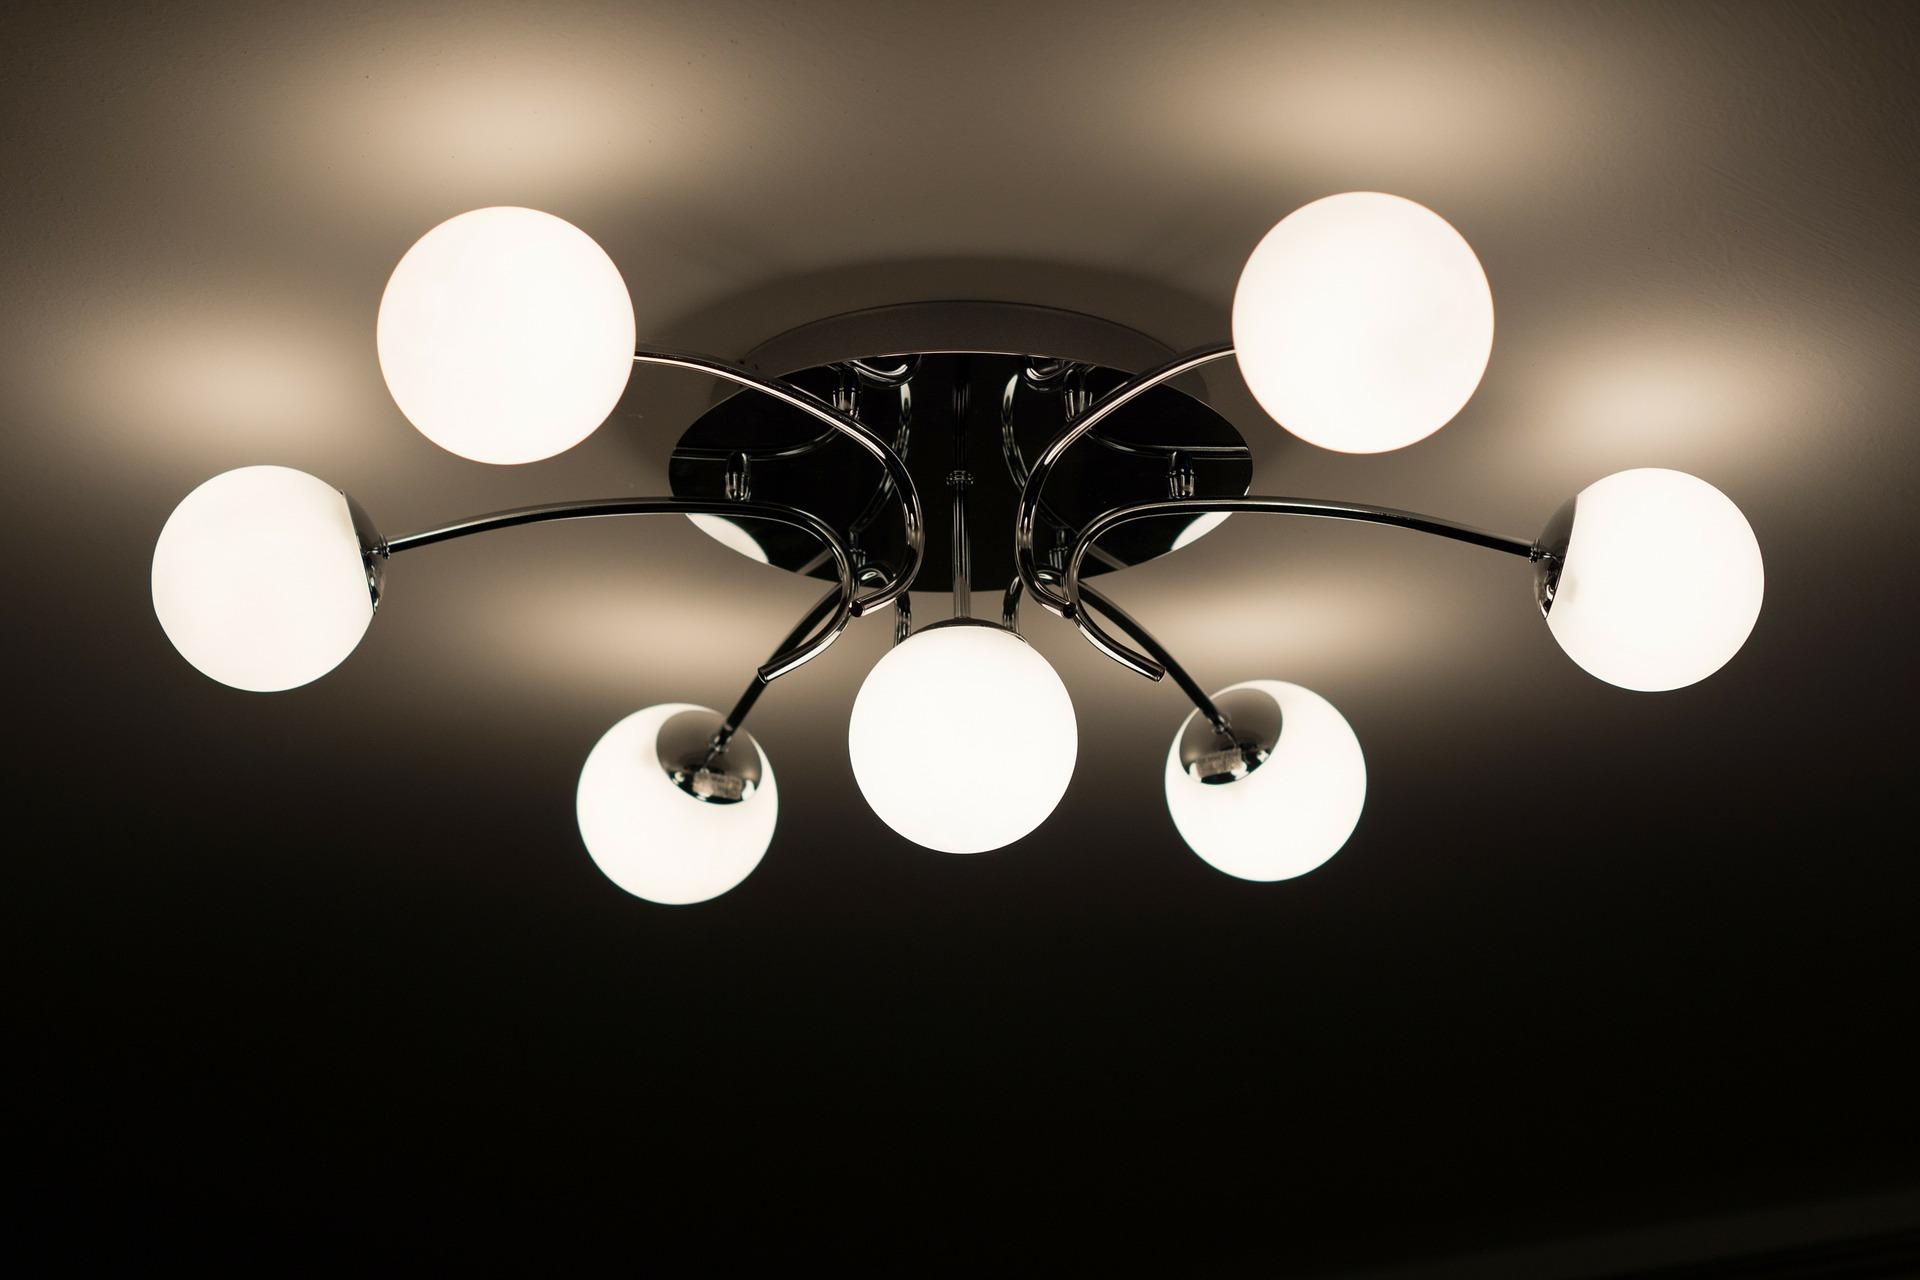 LED Deckenleuchte auf baumarktblog24.de